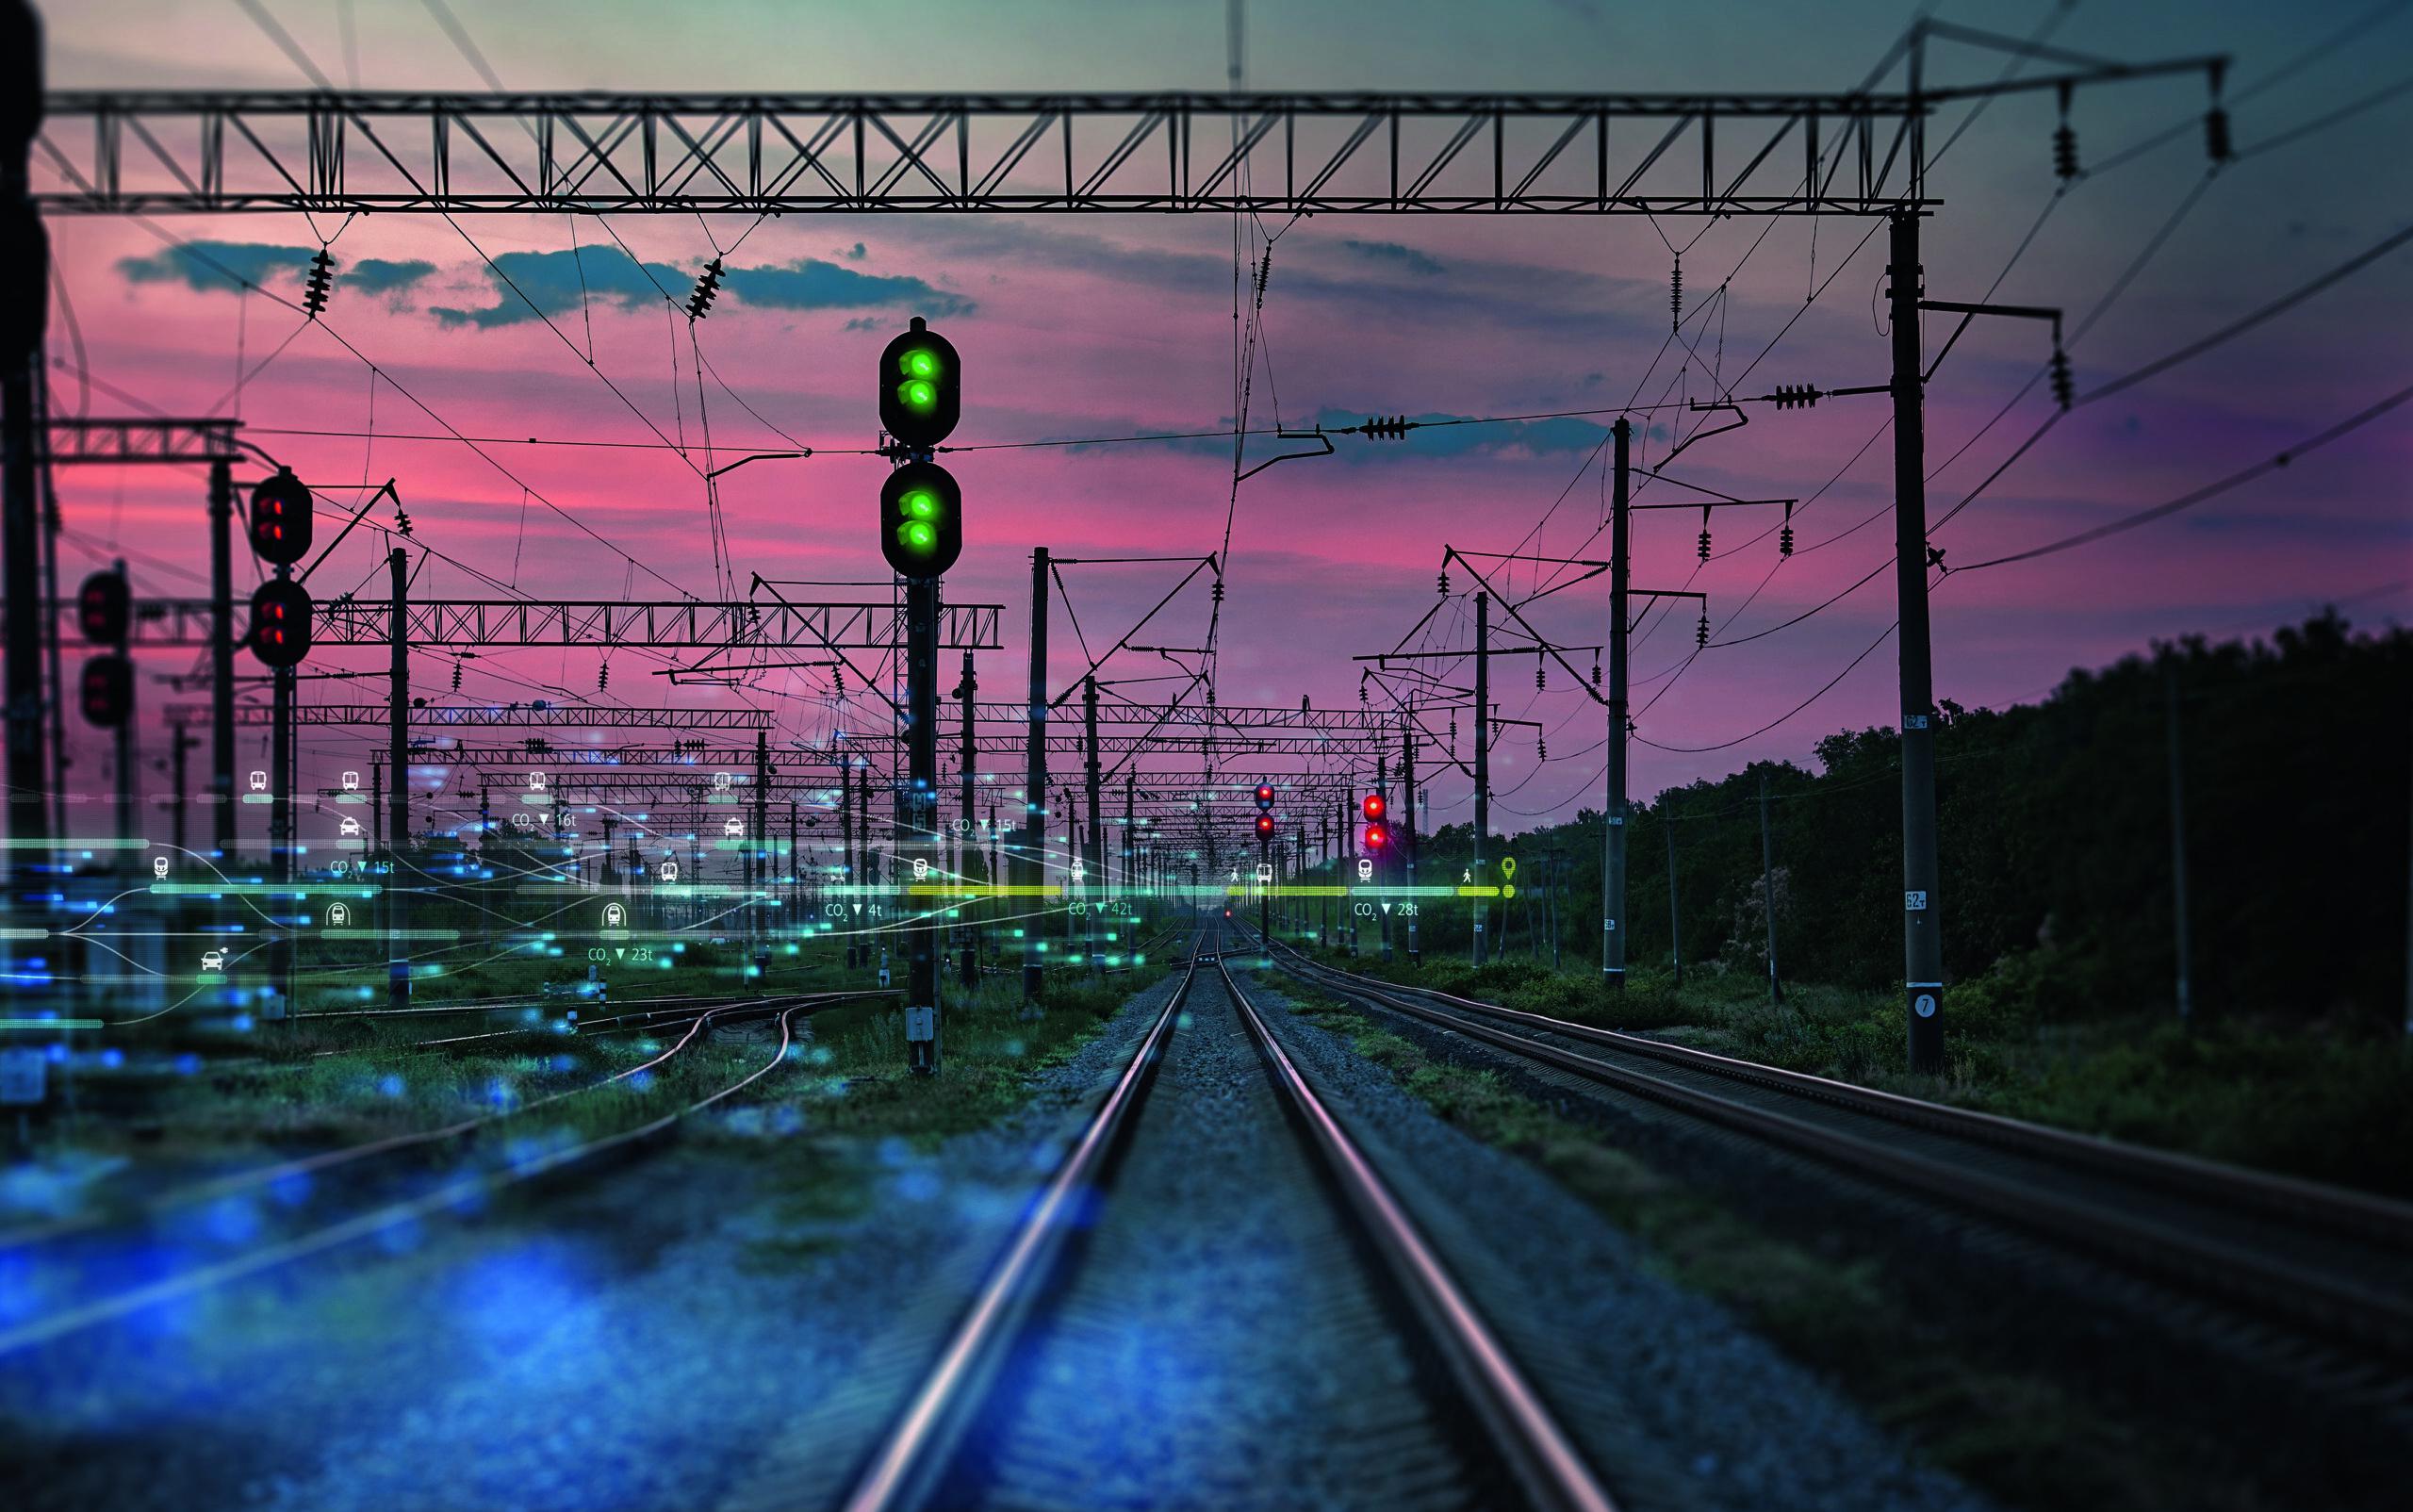 siemens visual intelligent infrastructure signalling